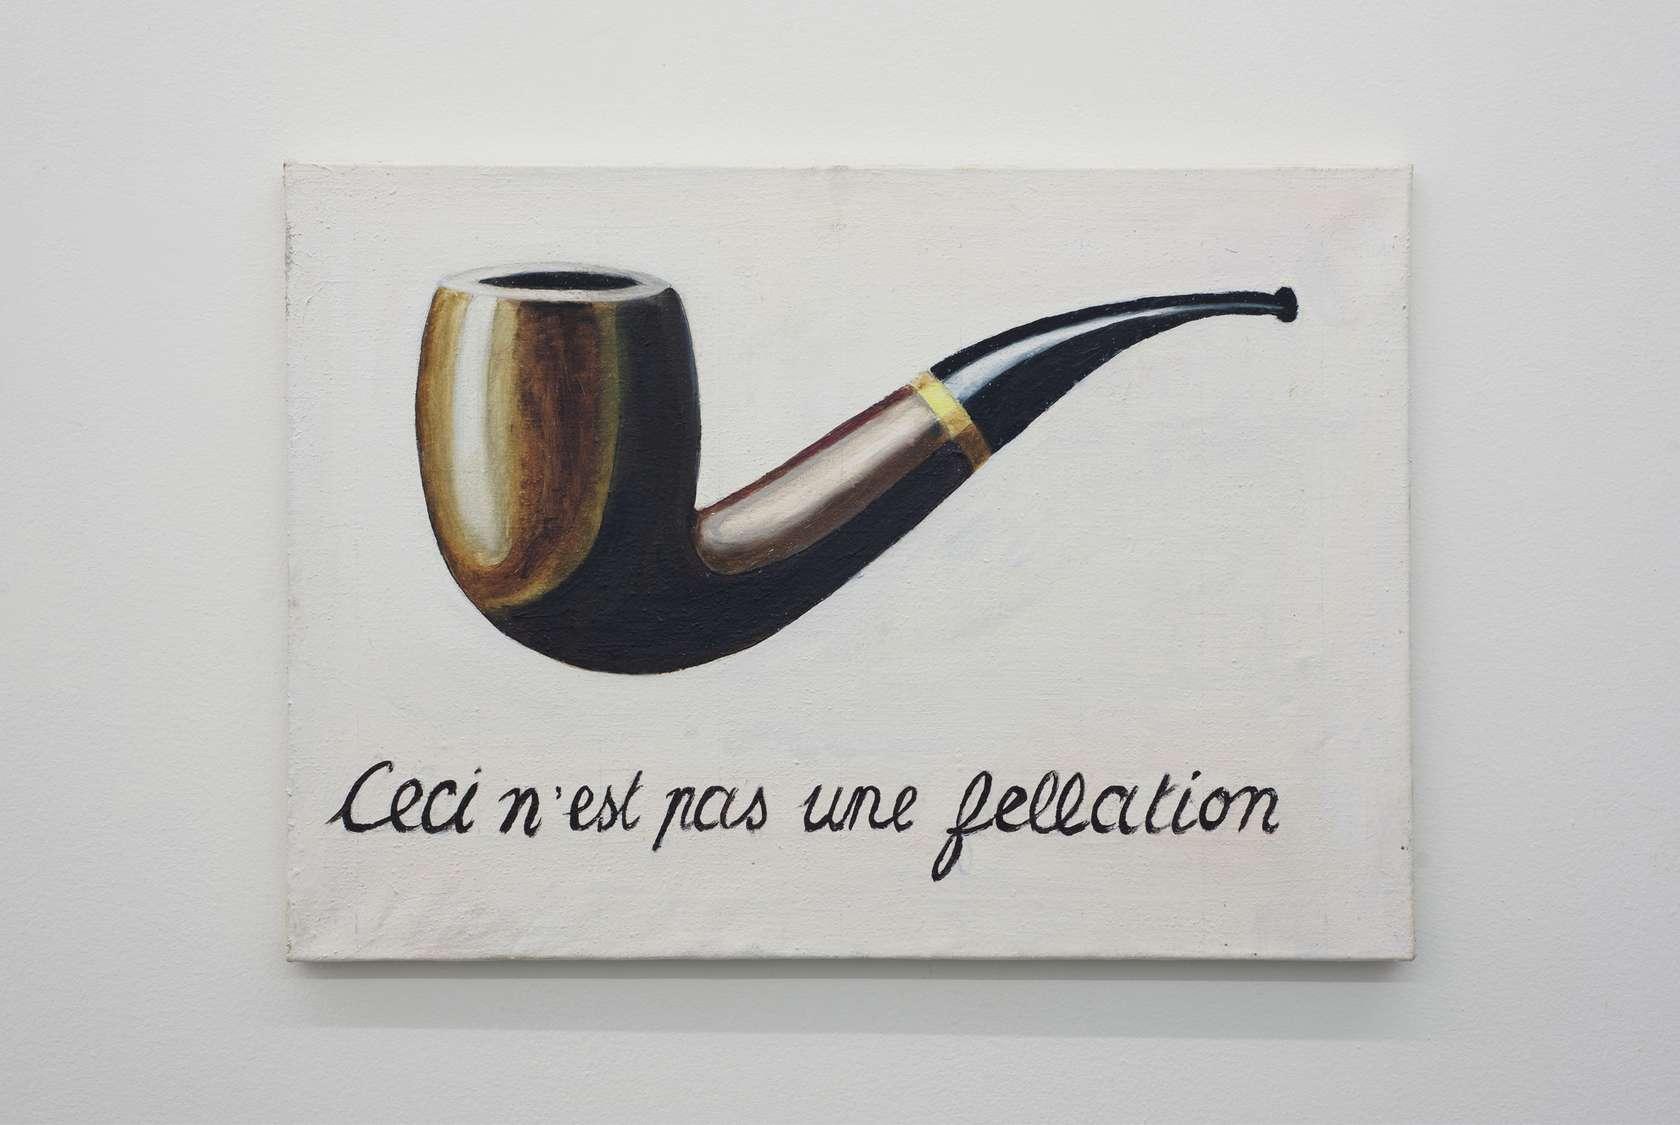 Présence Panchounette, Ceci n'est pas une fellation, 1979 Acrylique sur toile46 x 65cm / 18 1/8 x 25 5/8inches